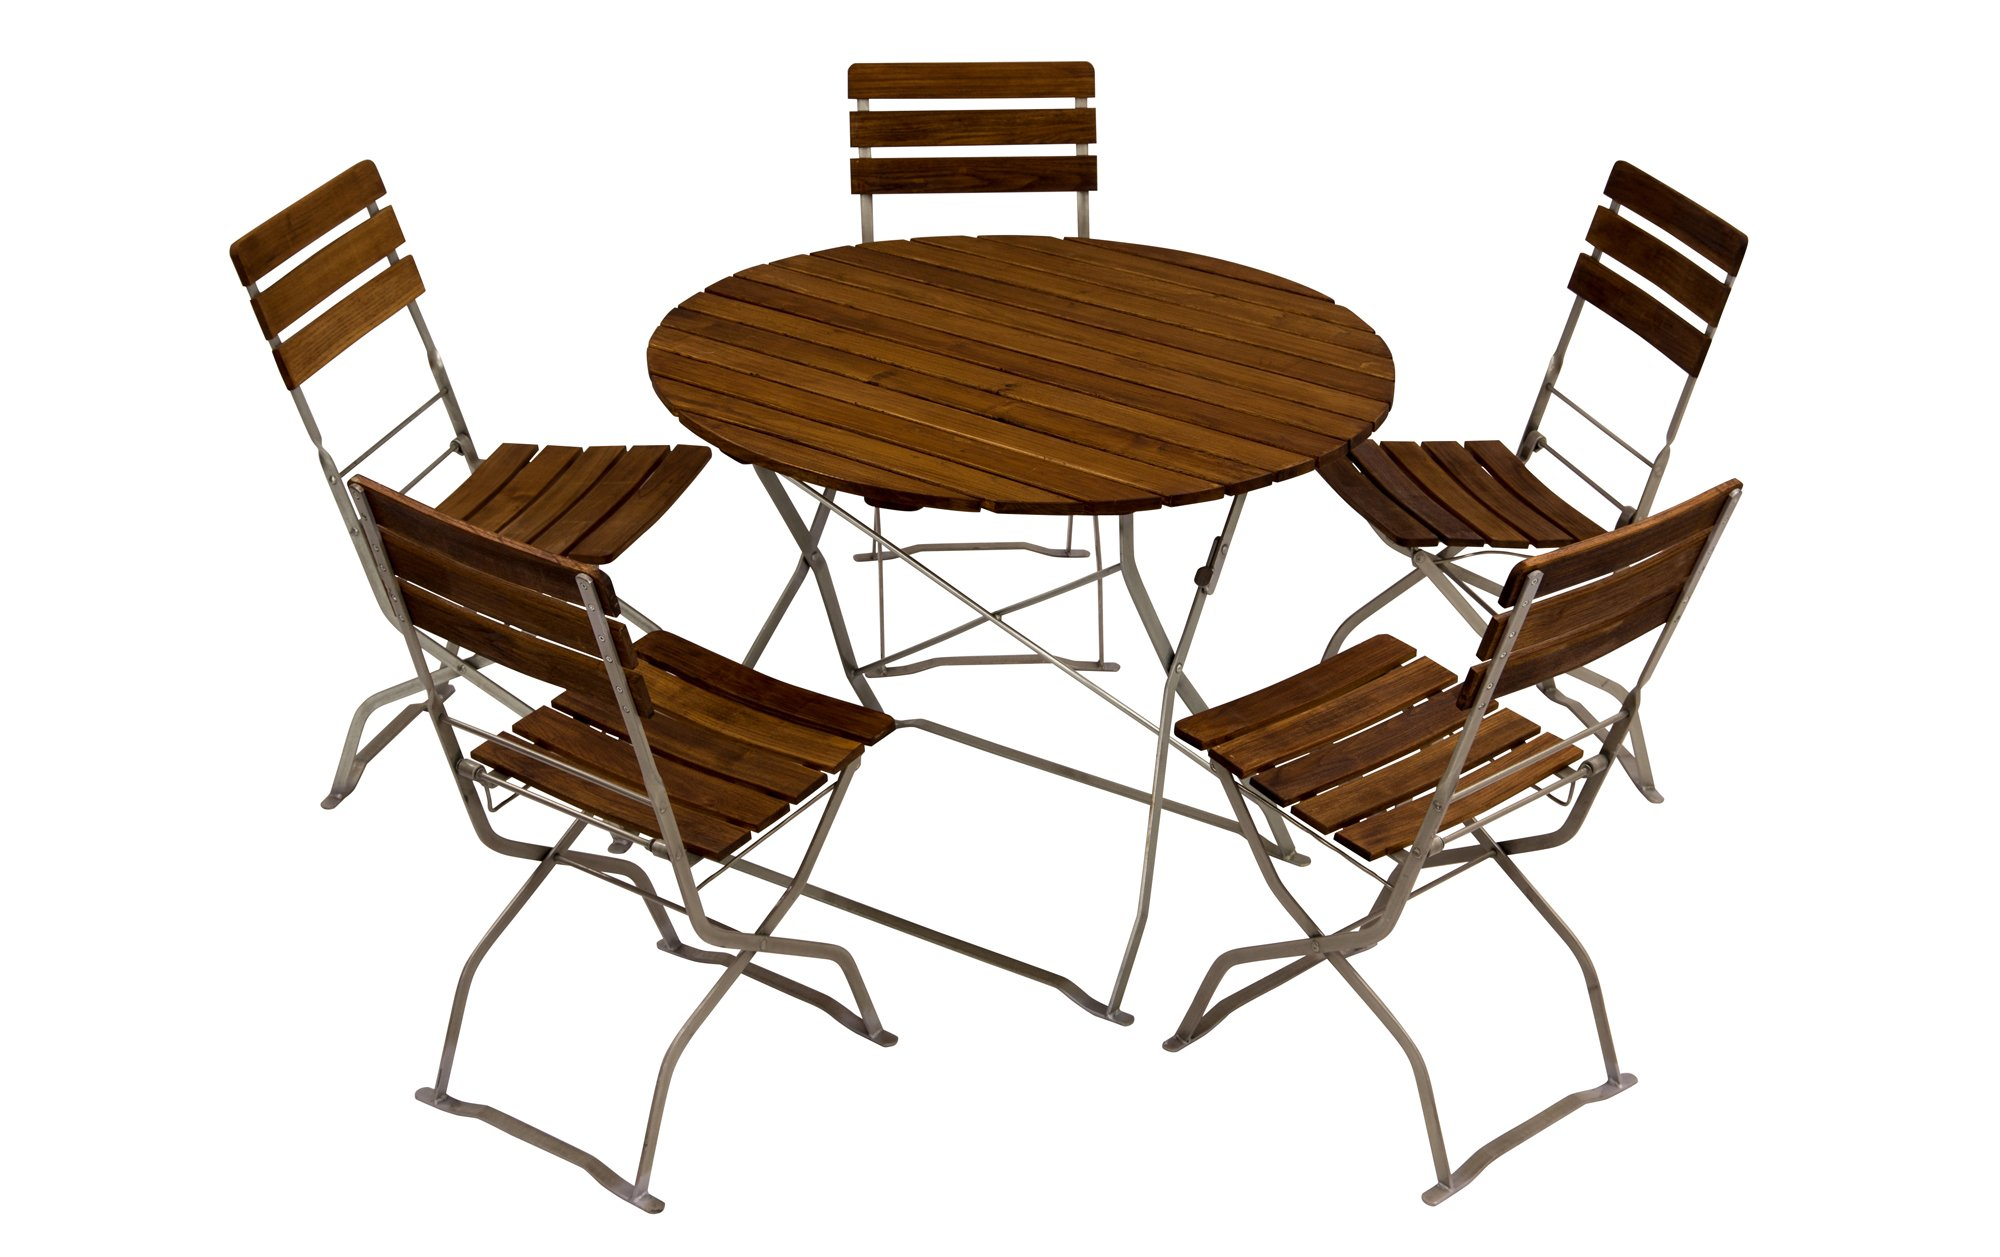 Biergartenmöbel ein Meter Rundtisch mit Biergartenstühle